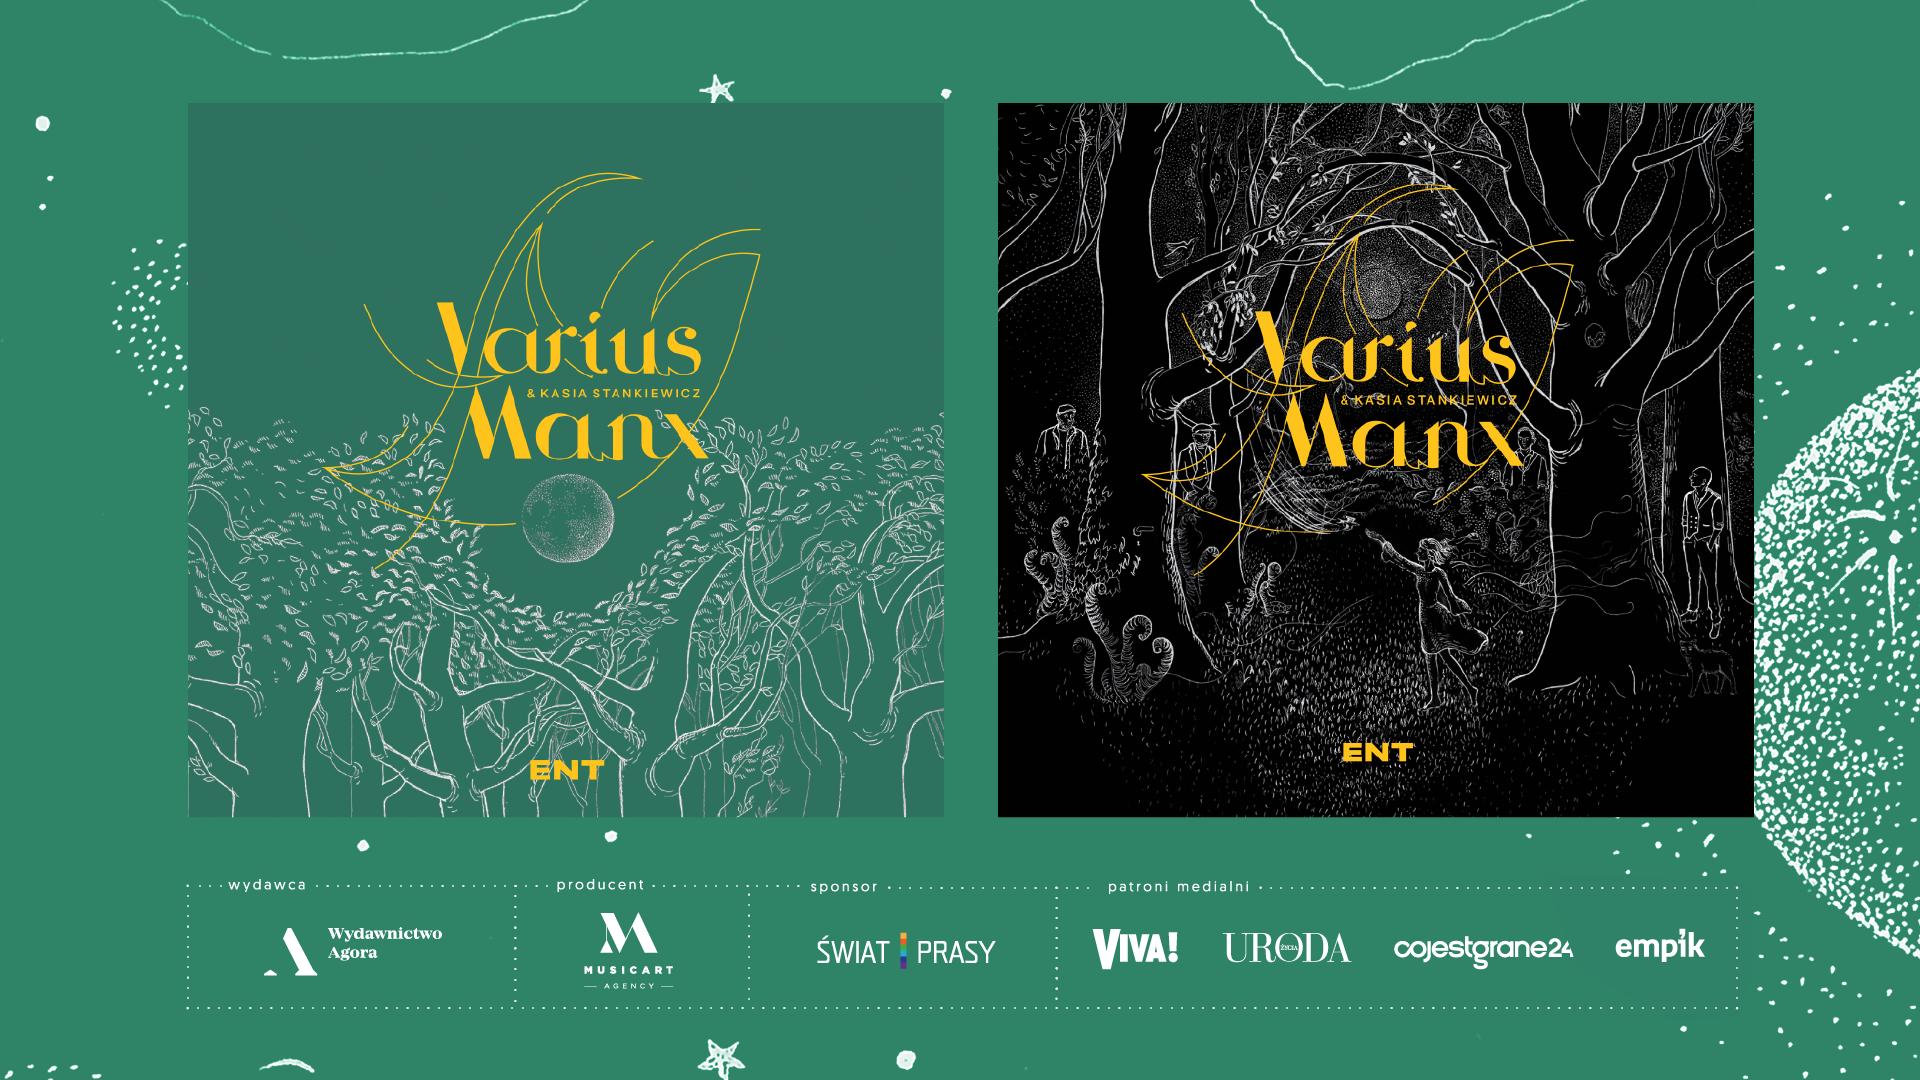 Varius Manx powraca z nowym albumem ENT